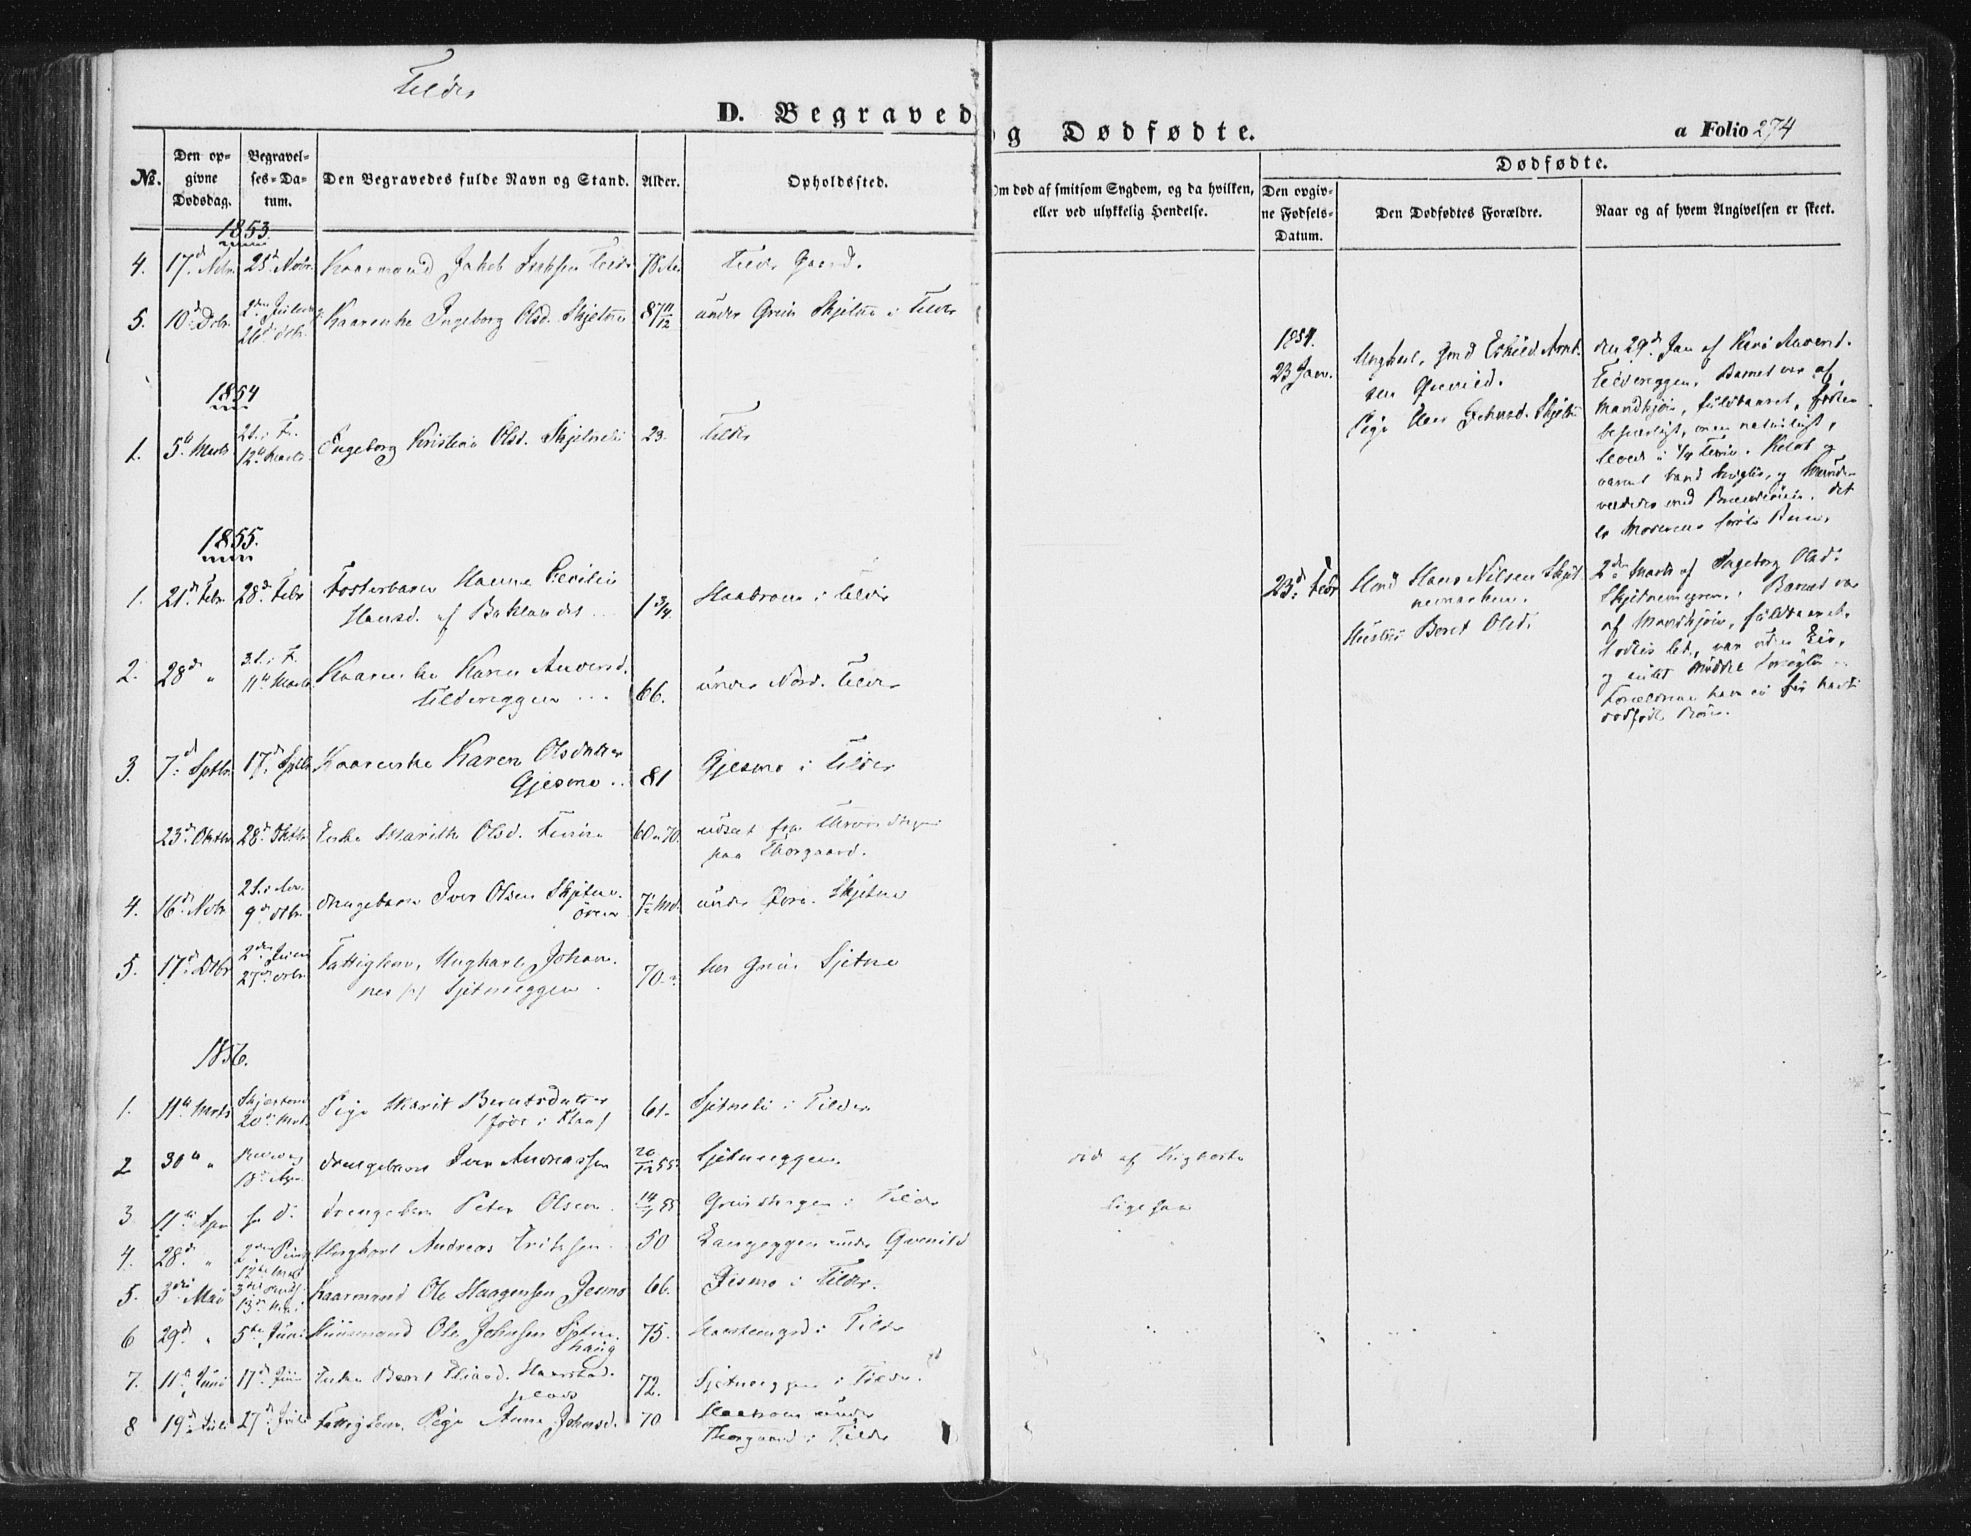 SAT, Ministerialprotokoller, klokkerbøker og fødselsregistre - Sør-Trøndelag, 618/L0441: Ministerialbok nr. 618A05, 1843-1862, s. 274